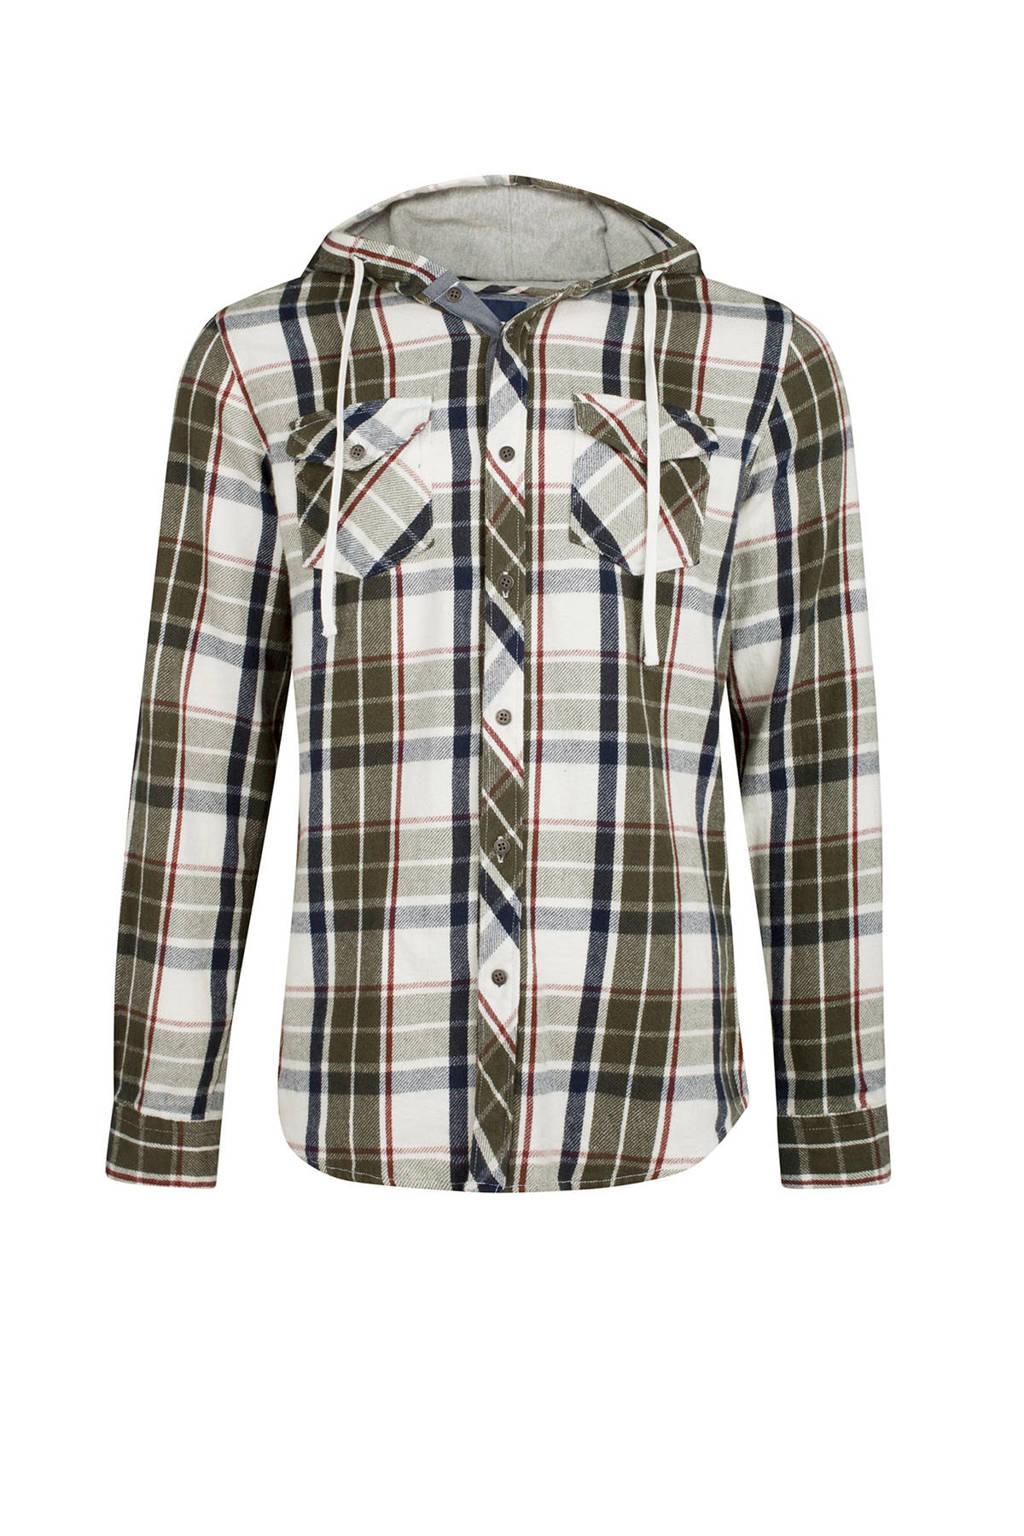 Geblokt Overhemd.We Fashion Geblokt Overhemd Met Capuchon Wehkamp